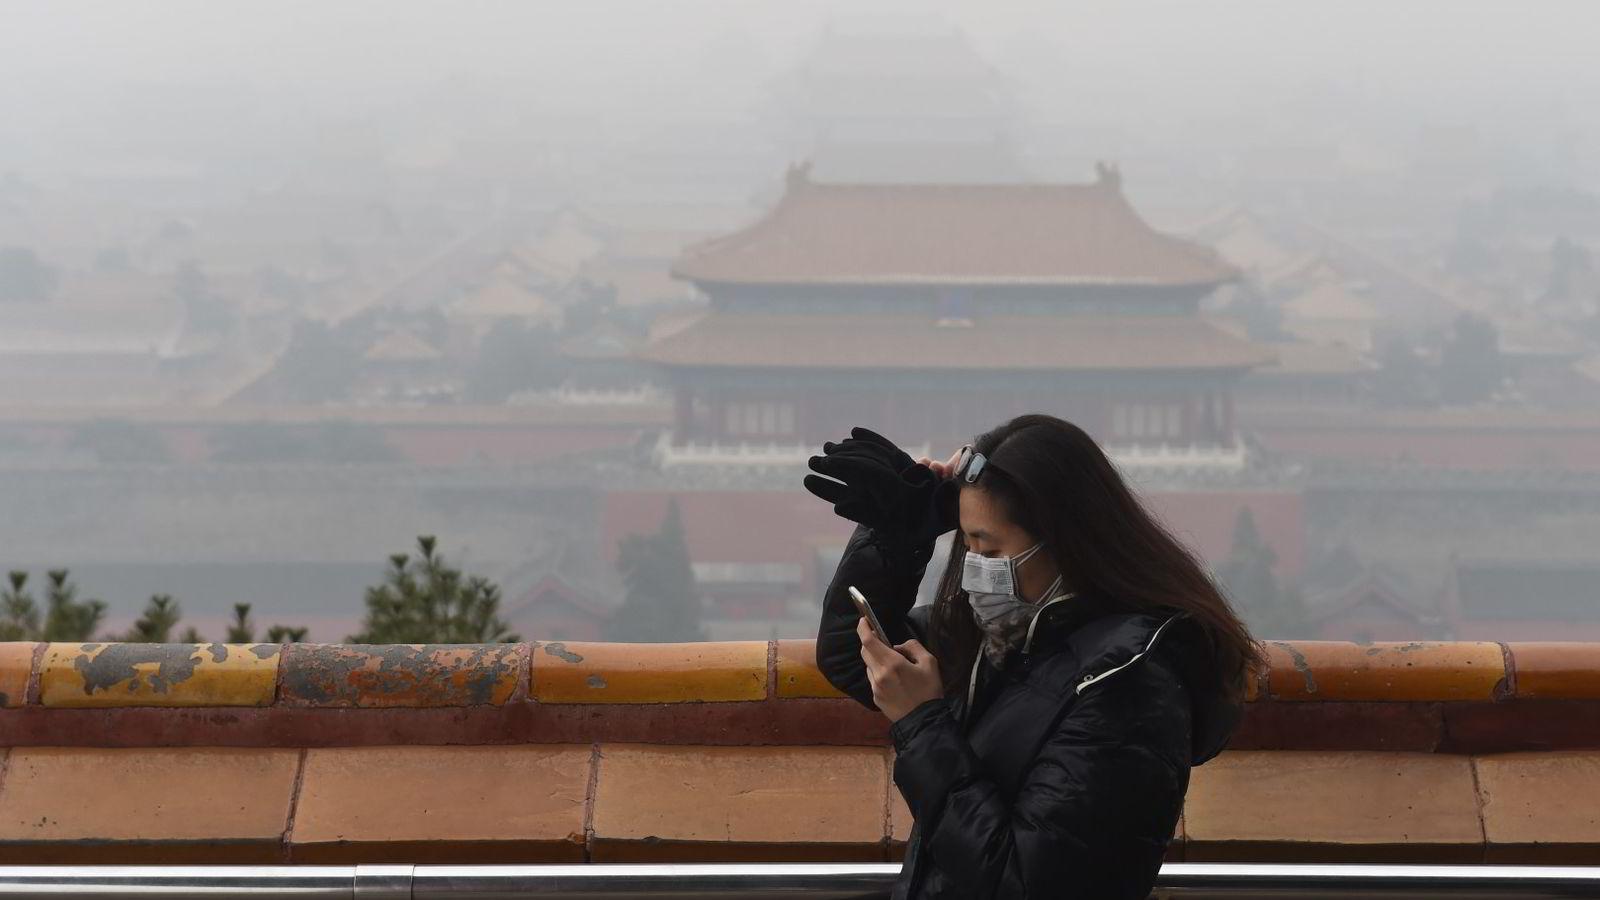 Luftforurensningen i Beijing og andre kinesiske byer er verre enn noensinne. På bildet sjekker en kvinne sin smarttelefon foran Den forbudte by i Beijing. Foto: Greg Baker/AFP photo/NTB scanpix